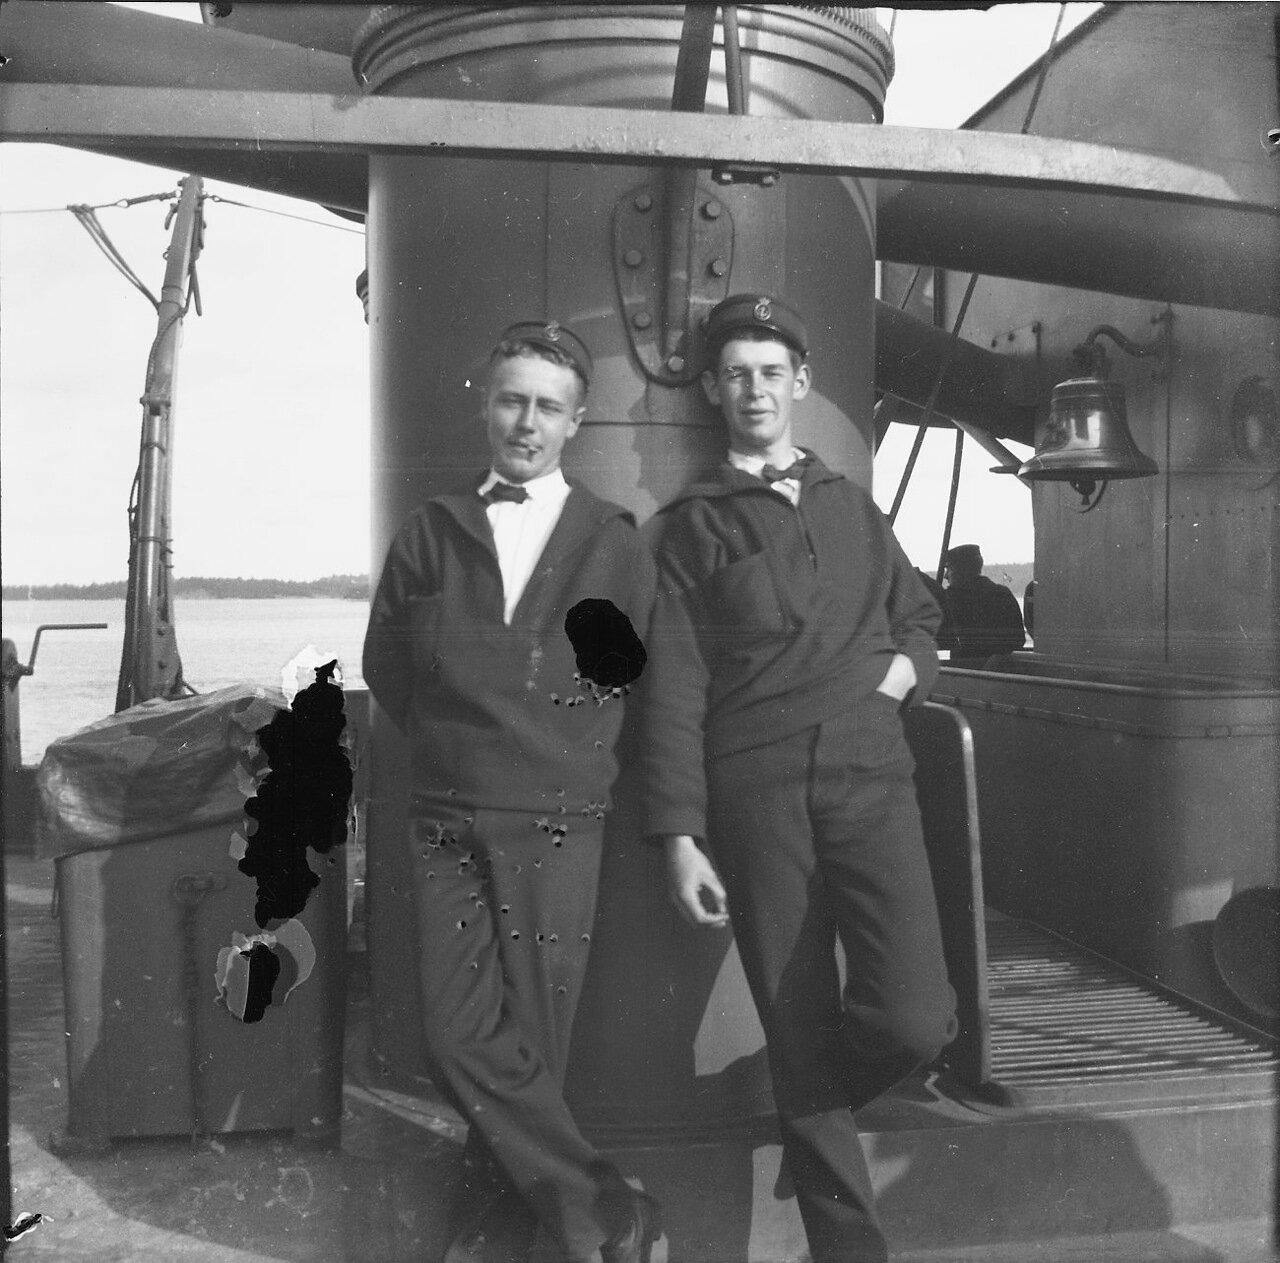 1900. Двое молодых людей на корабле